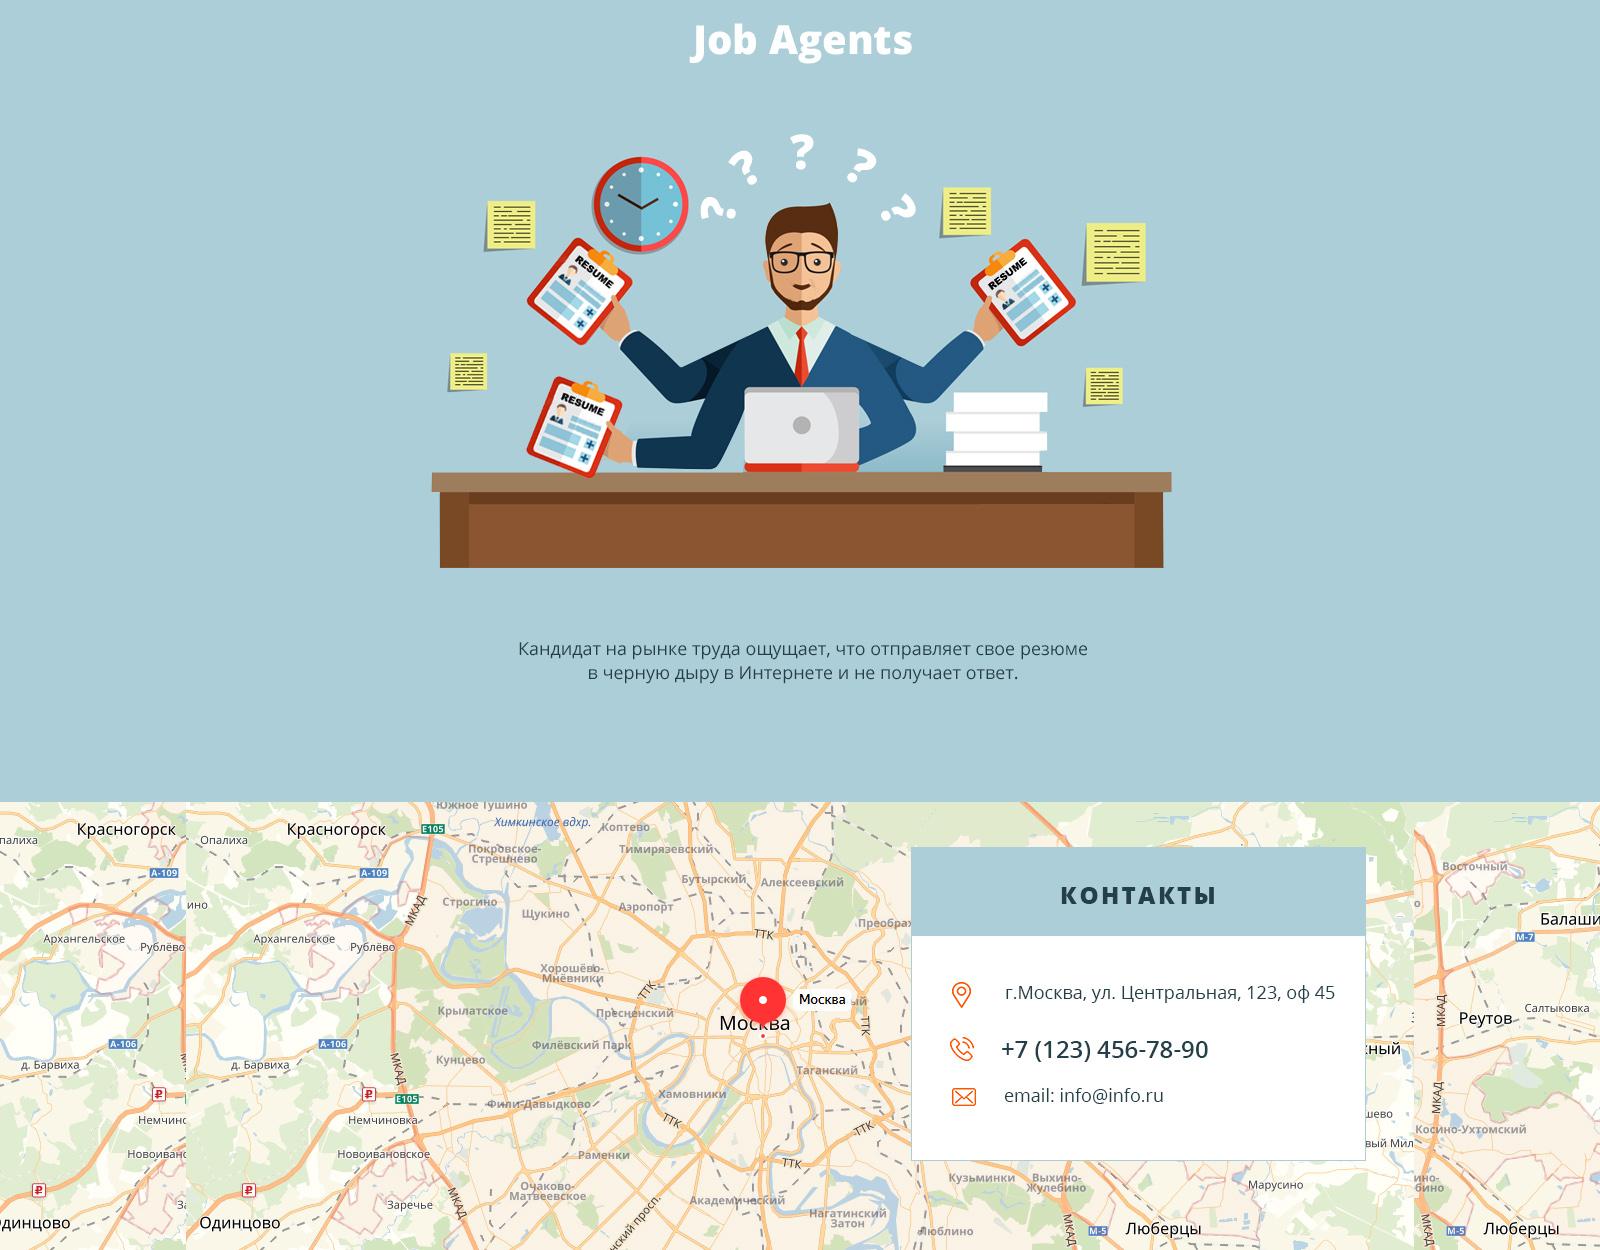 """Анимационный Landing Page """"ПОД КЛЮЧ"""" Job Agents"""